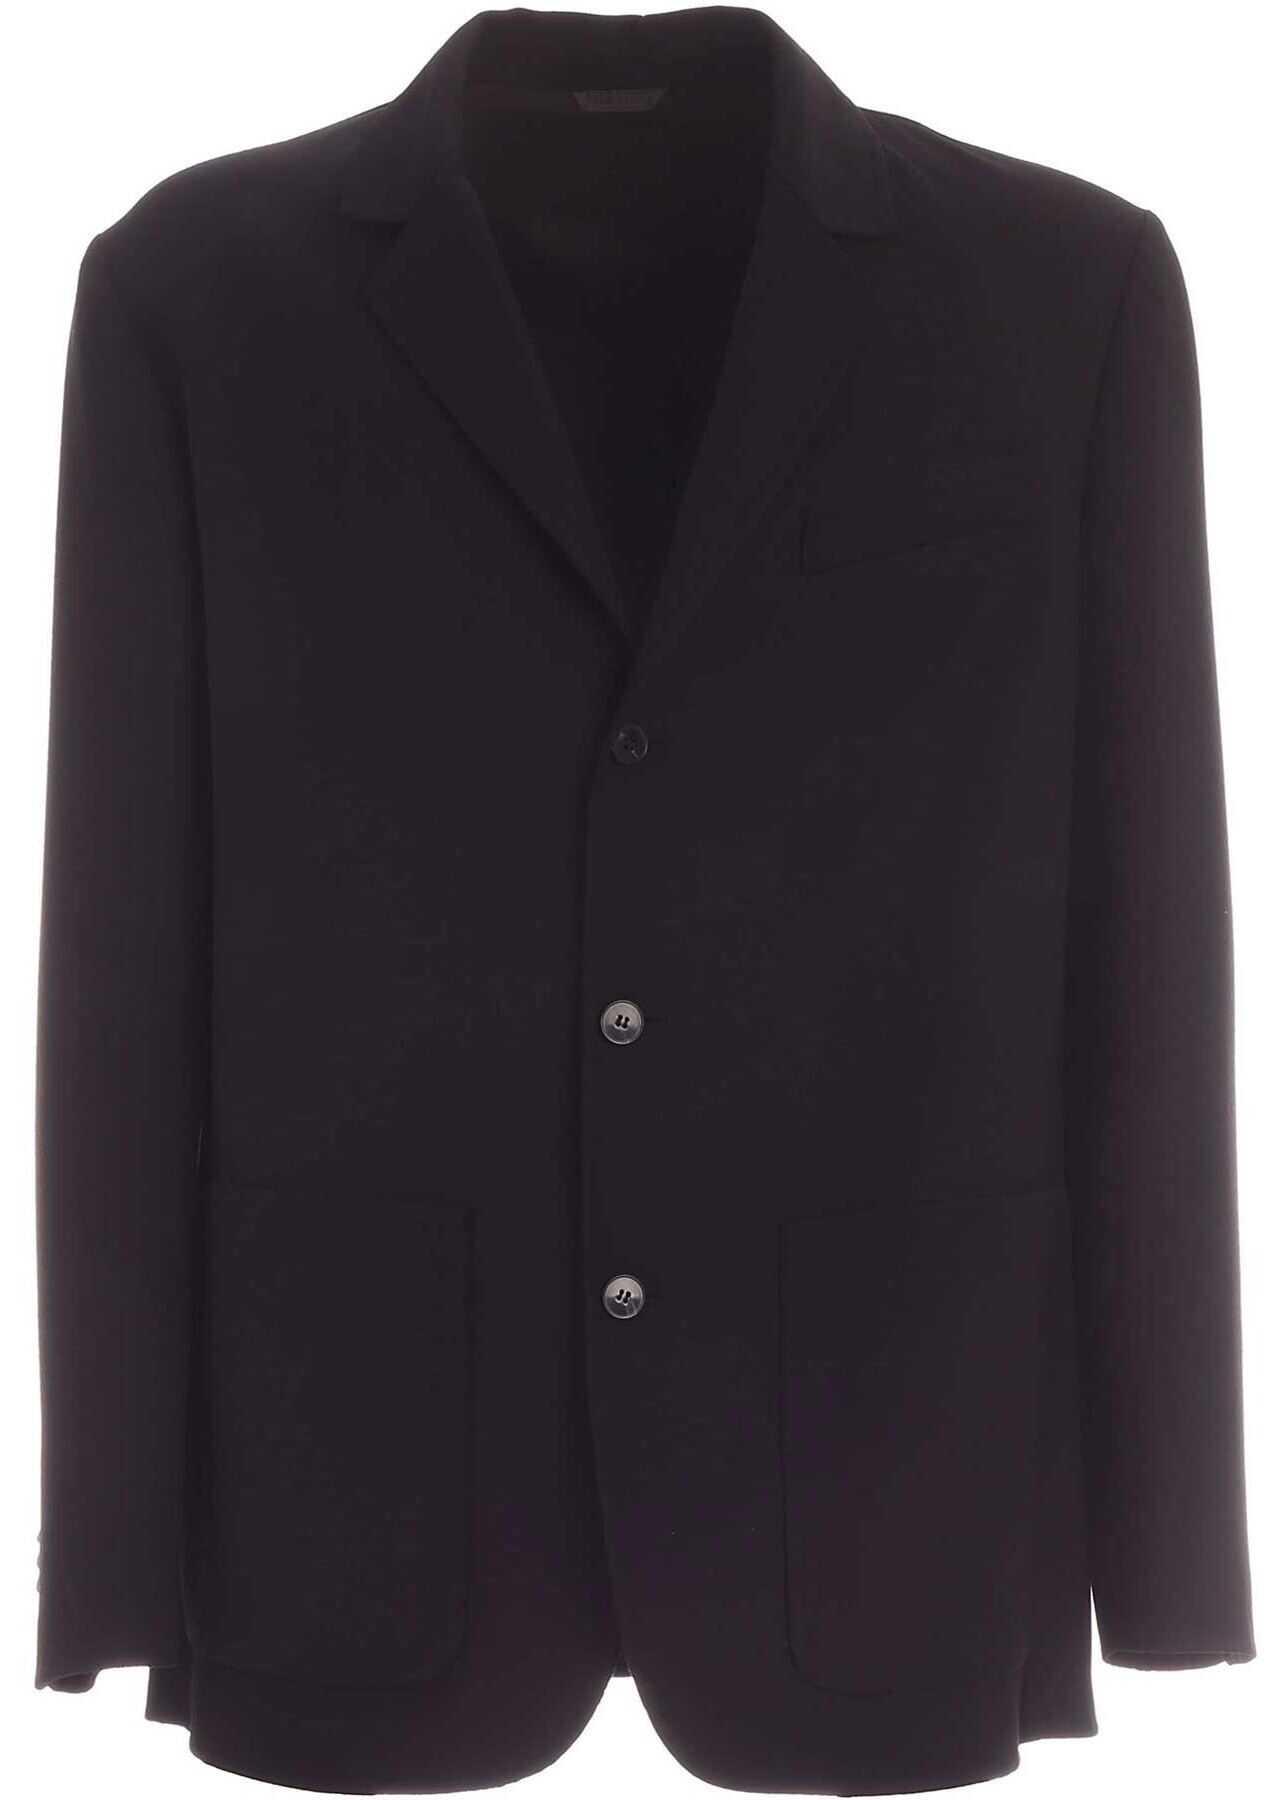 Valentino Garavani Single-Breasted Jacket In Black Black imagine